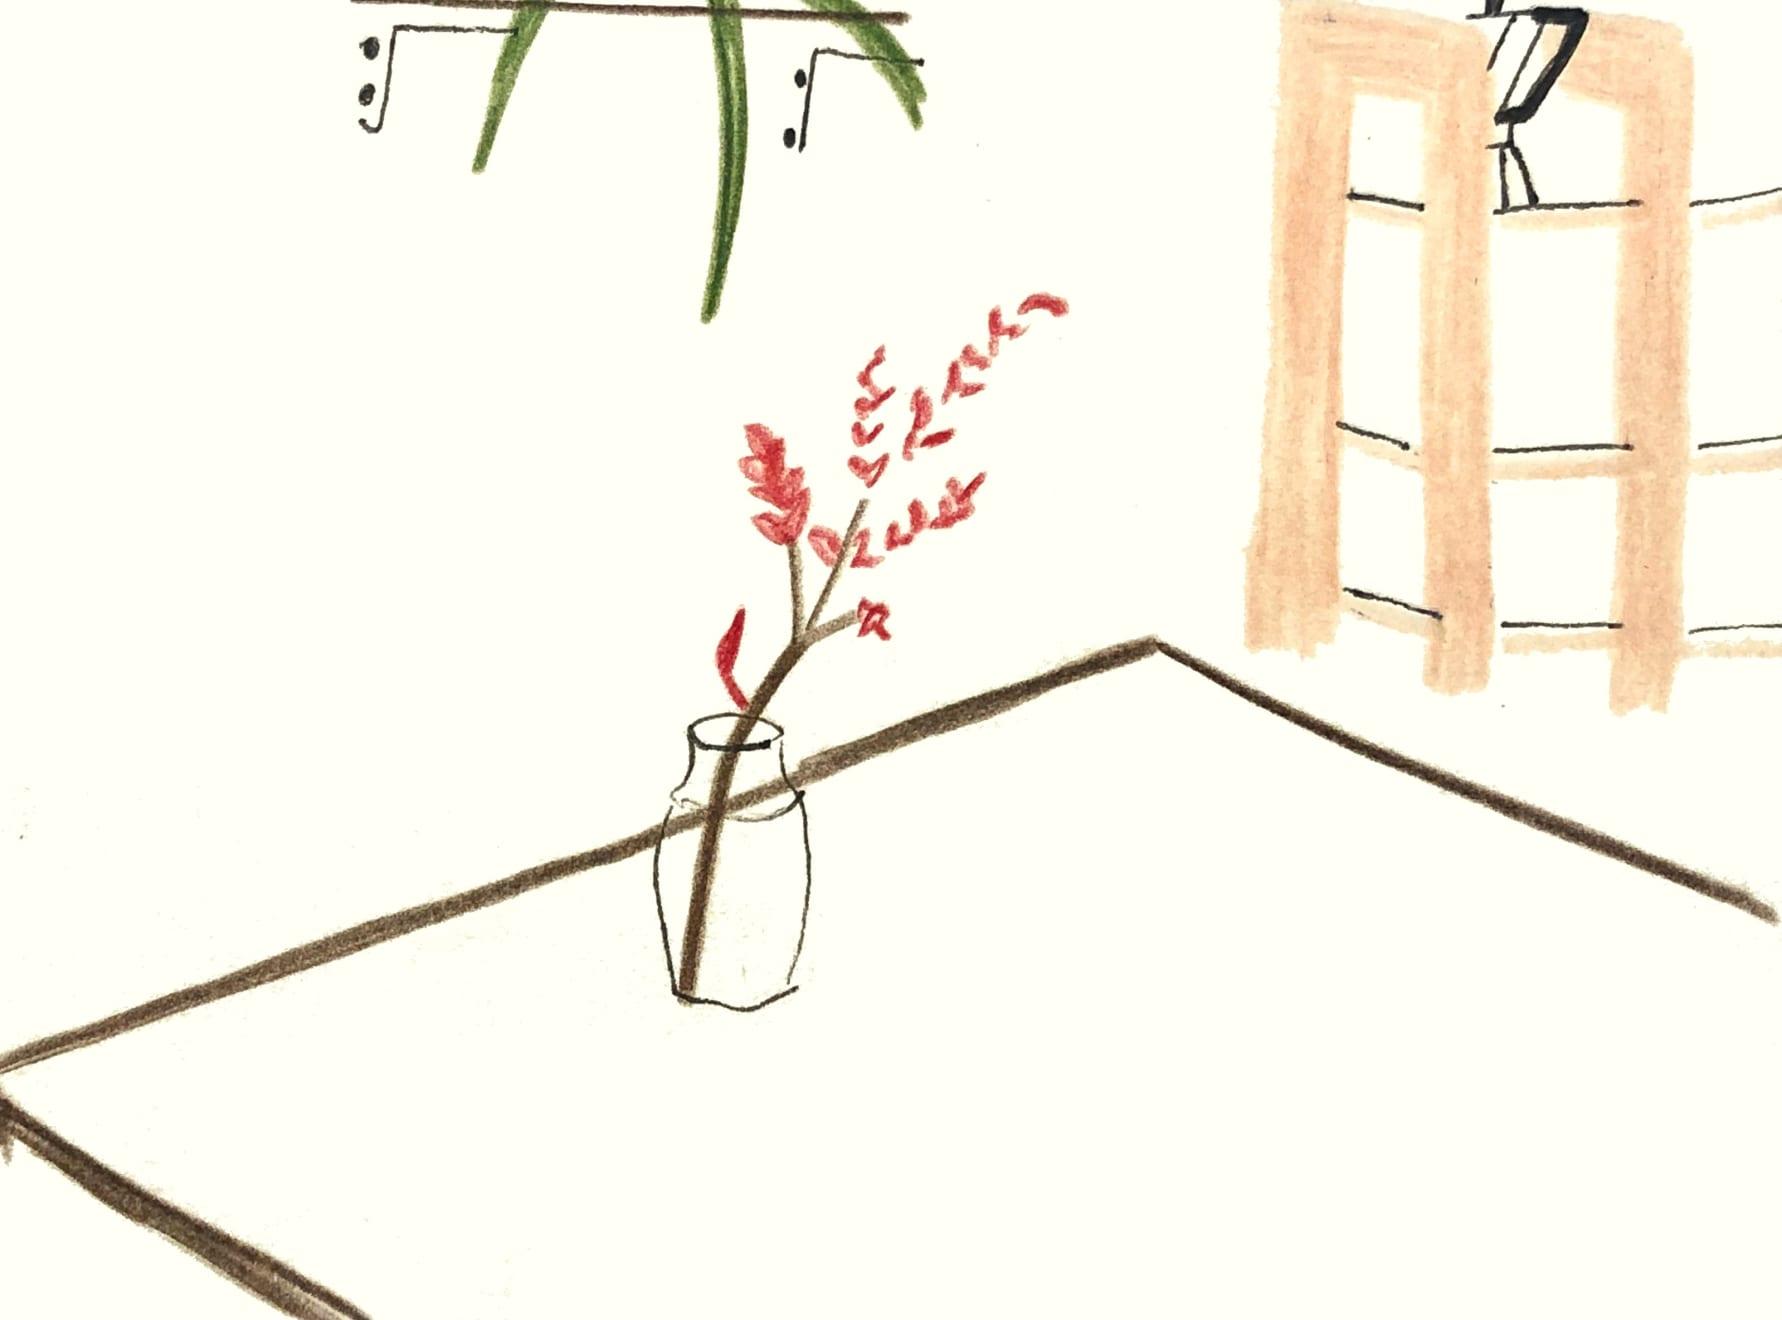 Summer Auction 2020, LOT 12 - Chloé Bocquet - 'Série W6 Besucht No.14', 2017